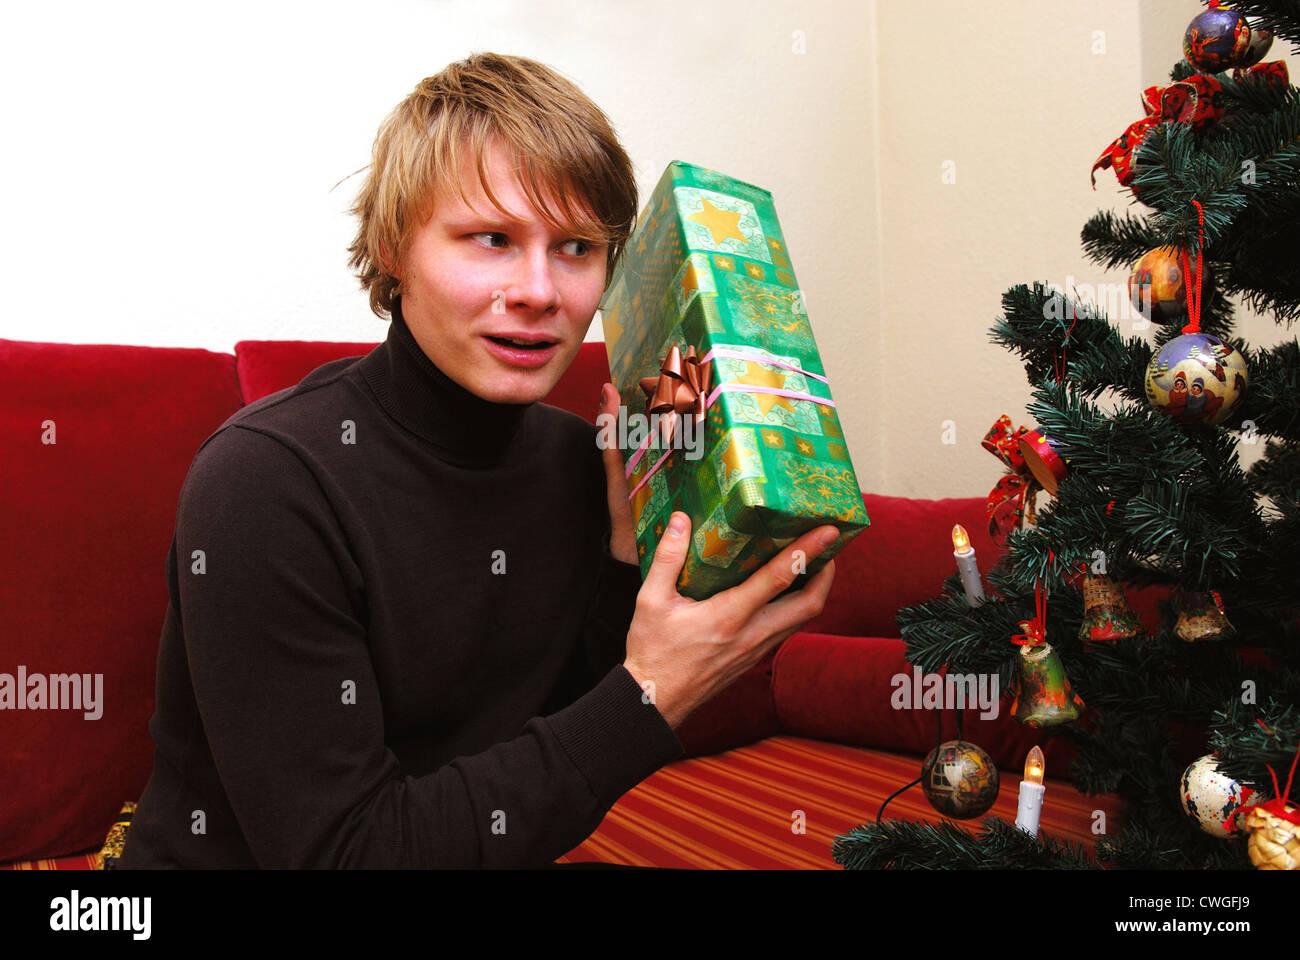 Berlin, ein junger Mann mit Weihnachtsgeschenk Stockfoto, Bild ...